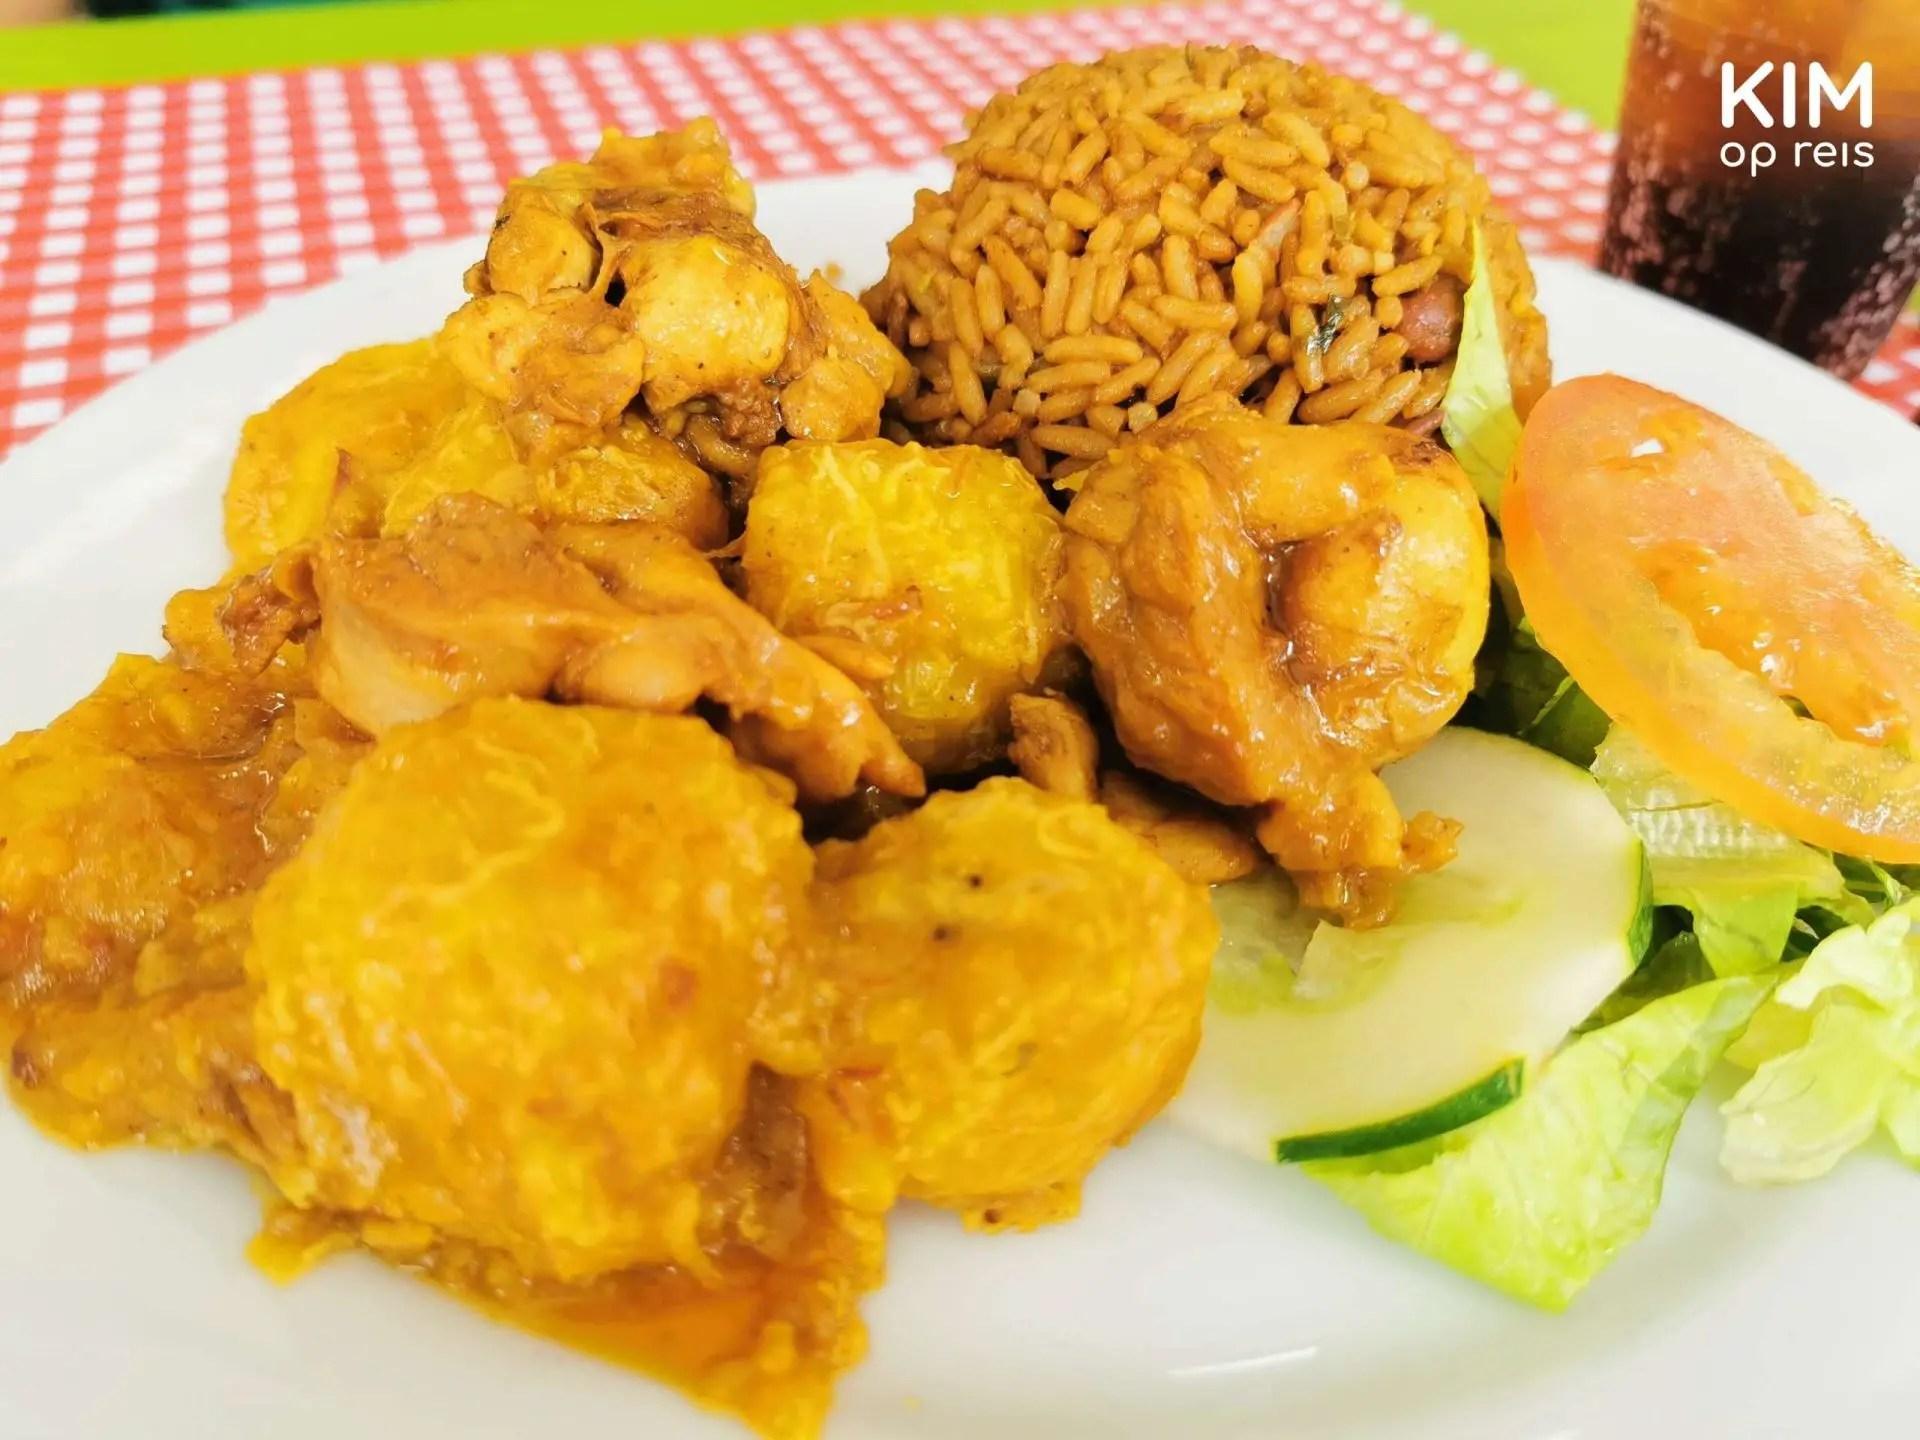 Plasa Bieu chicken Curaçao